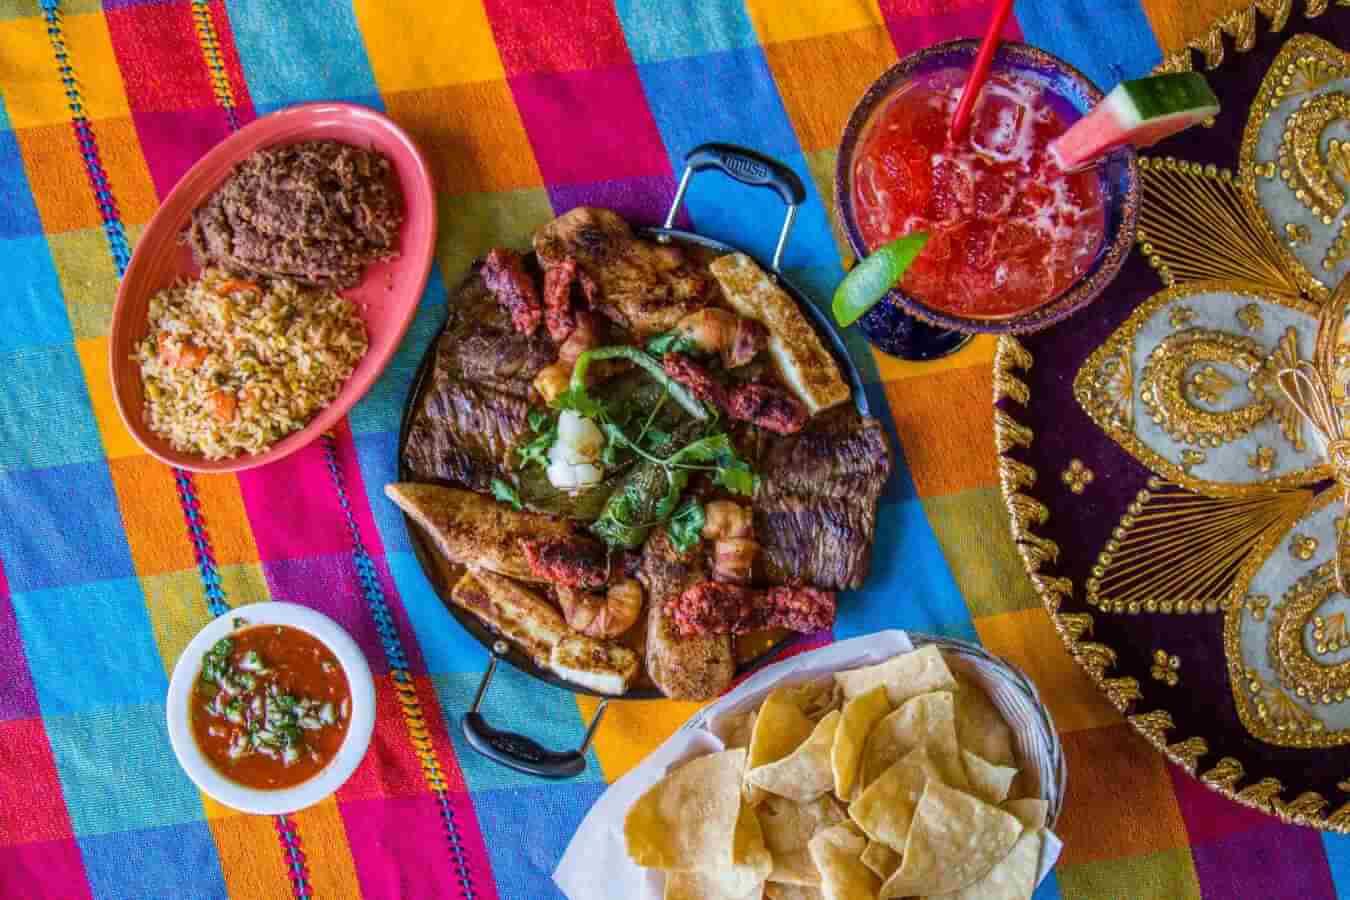 Food photo at Casa de Soria